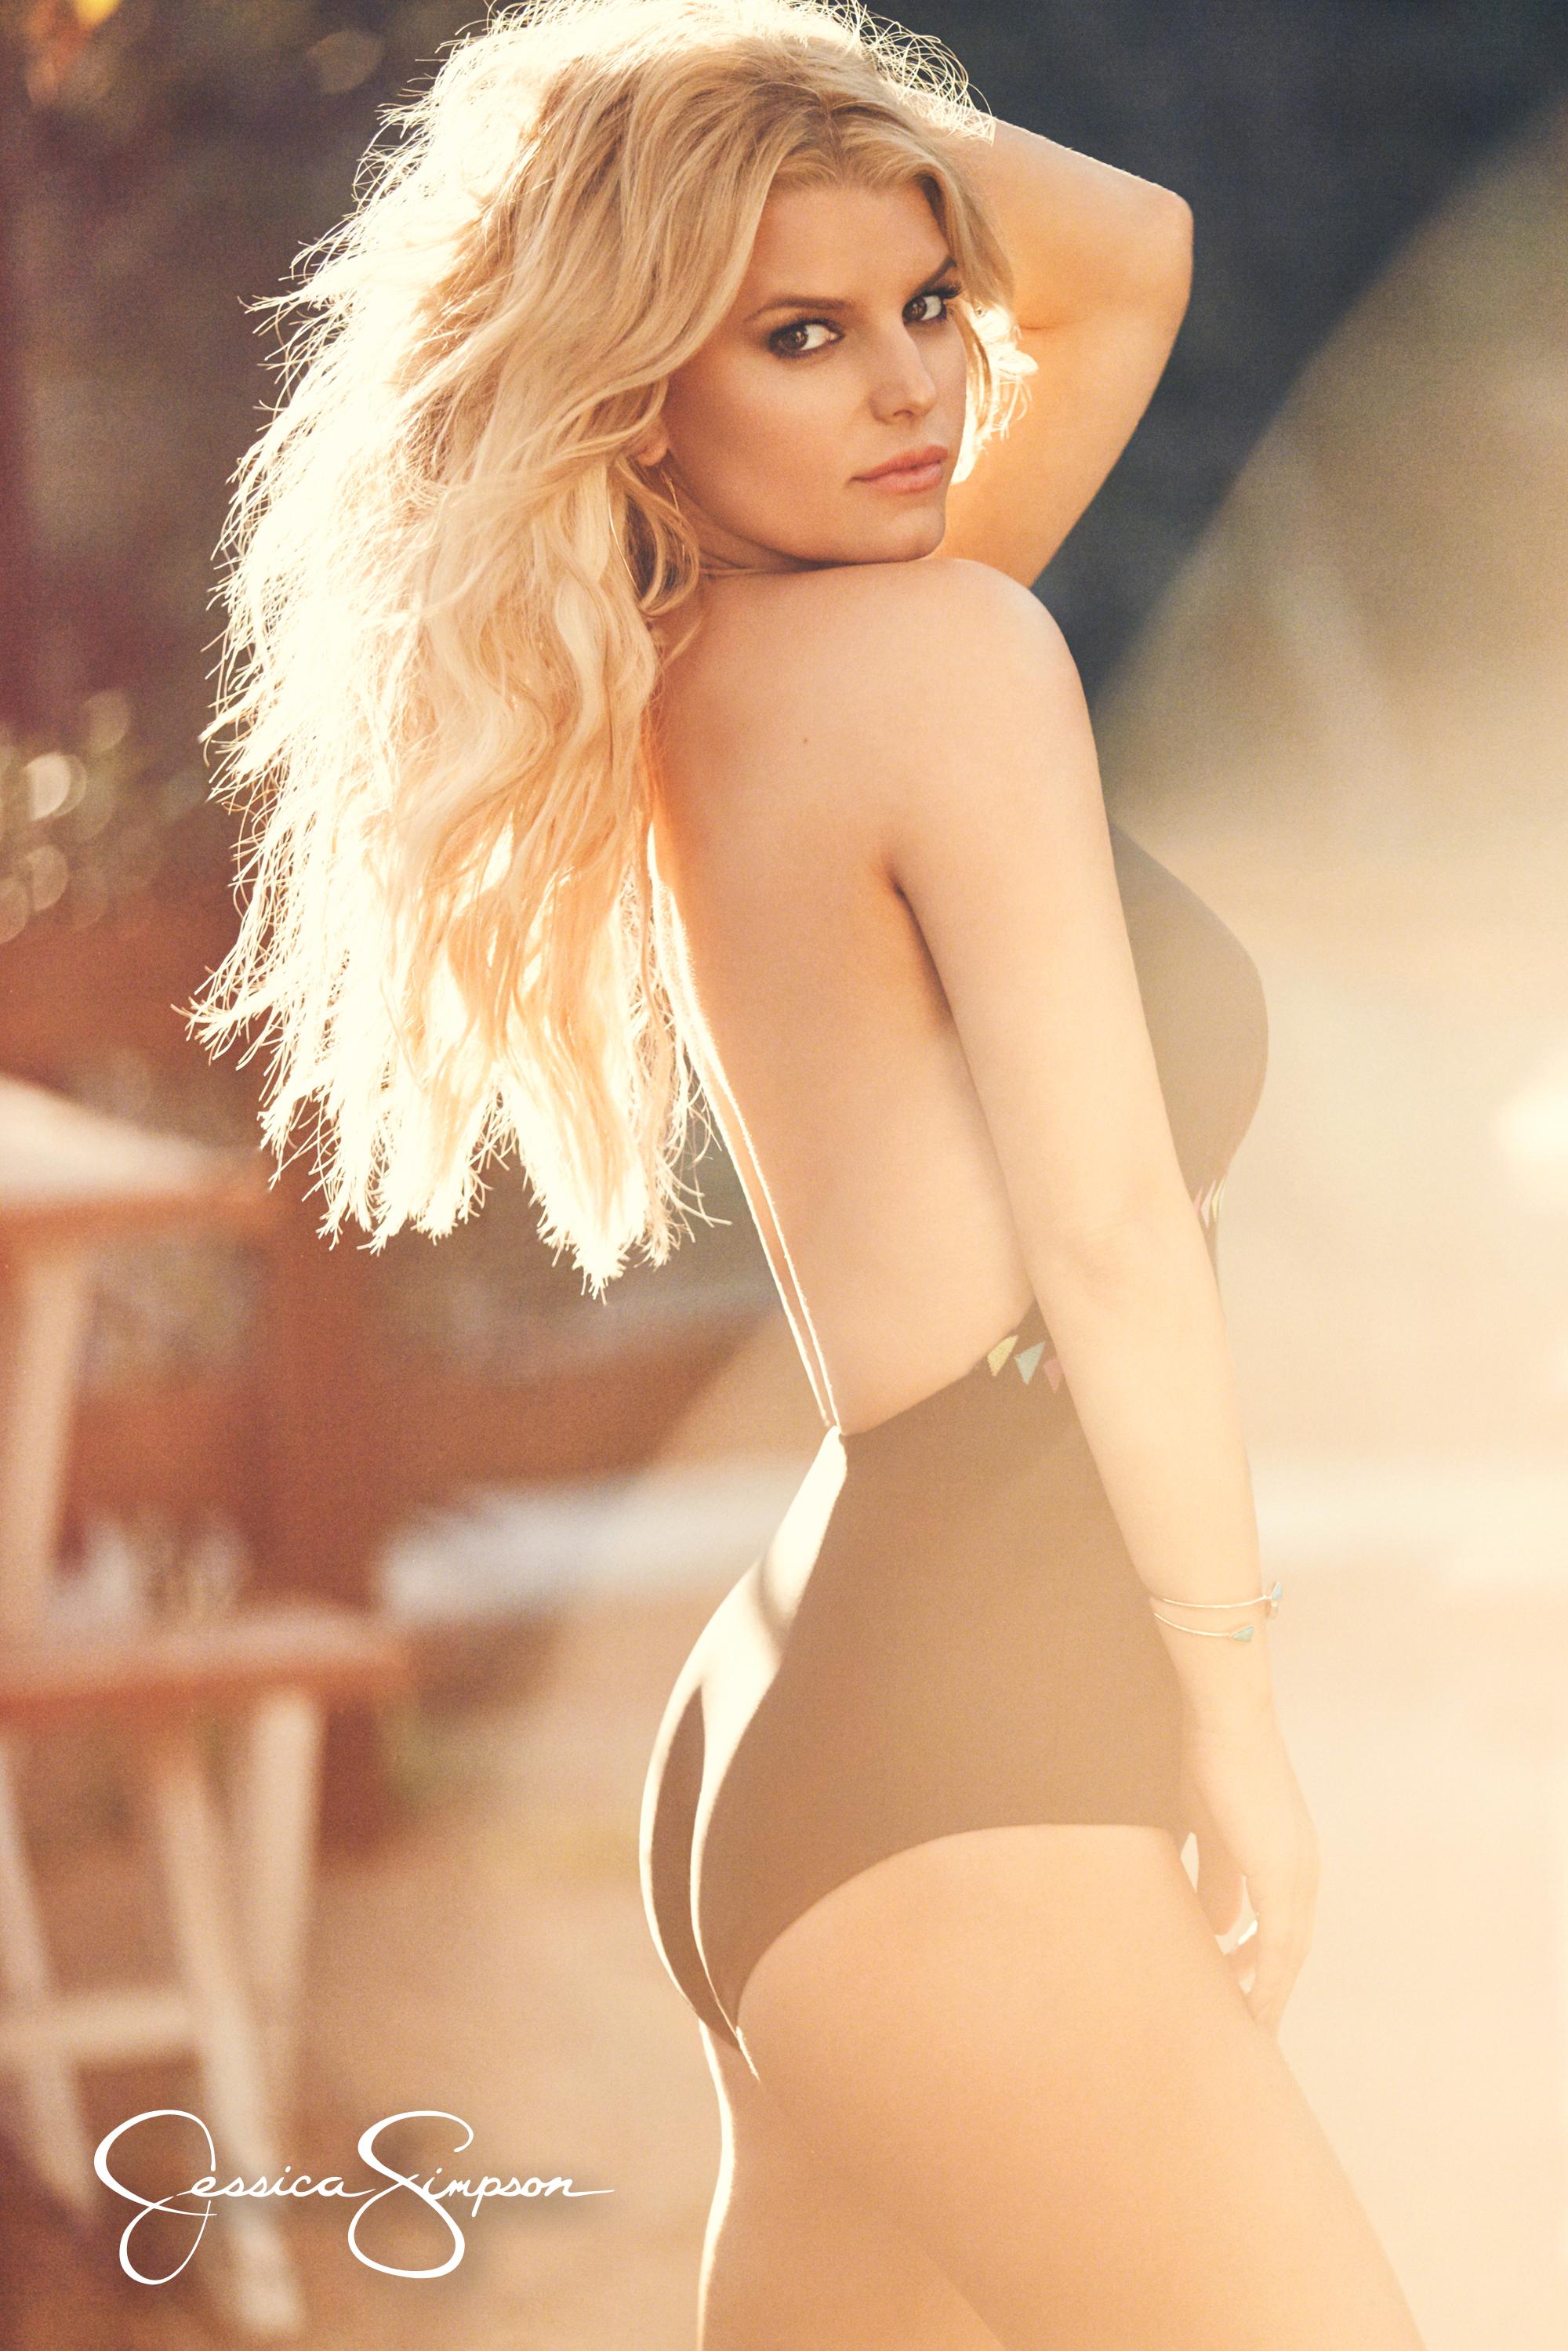 Jessica Simpson In A Bikini Pics